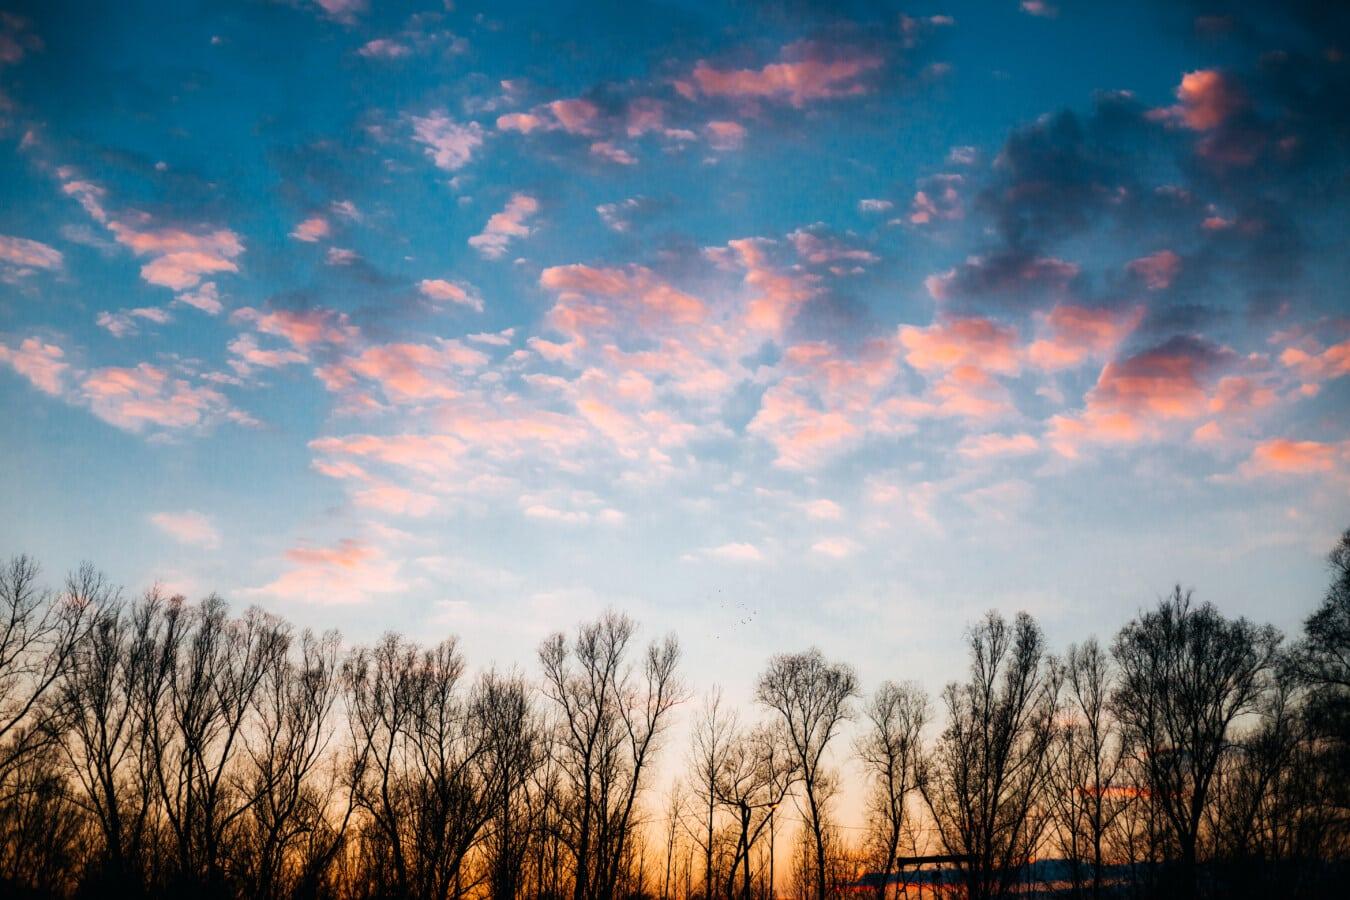 黄昏, 黄昏, 天空发光, 性质, 雄伟, 气氛, 太阳, 云, 日落, 黎明